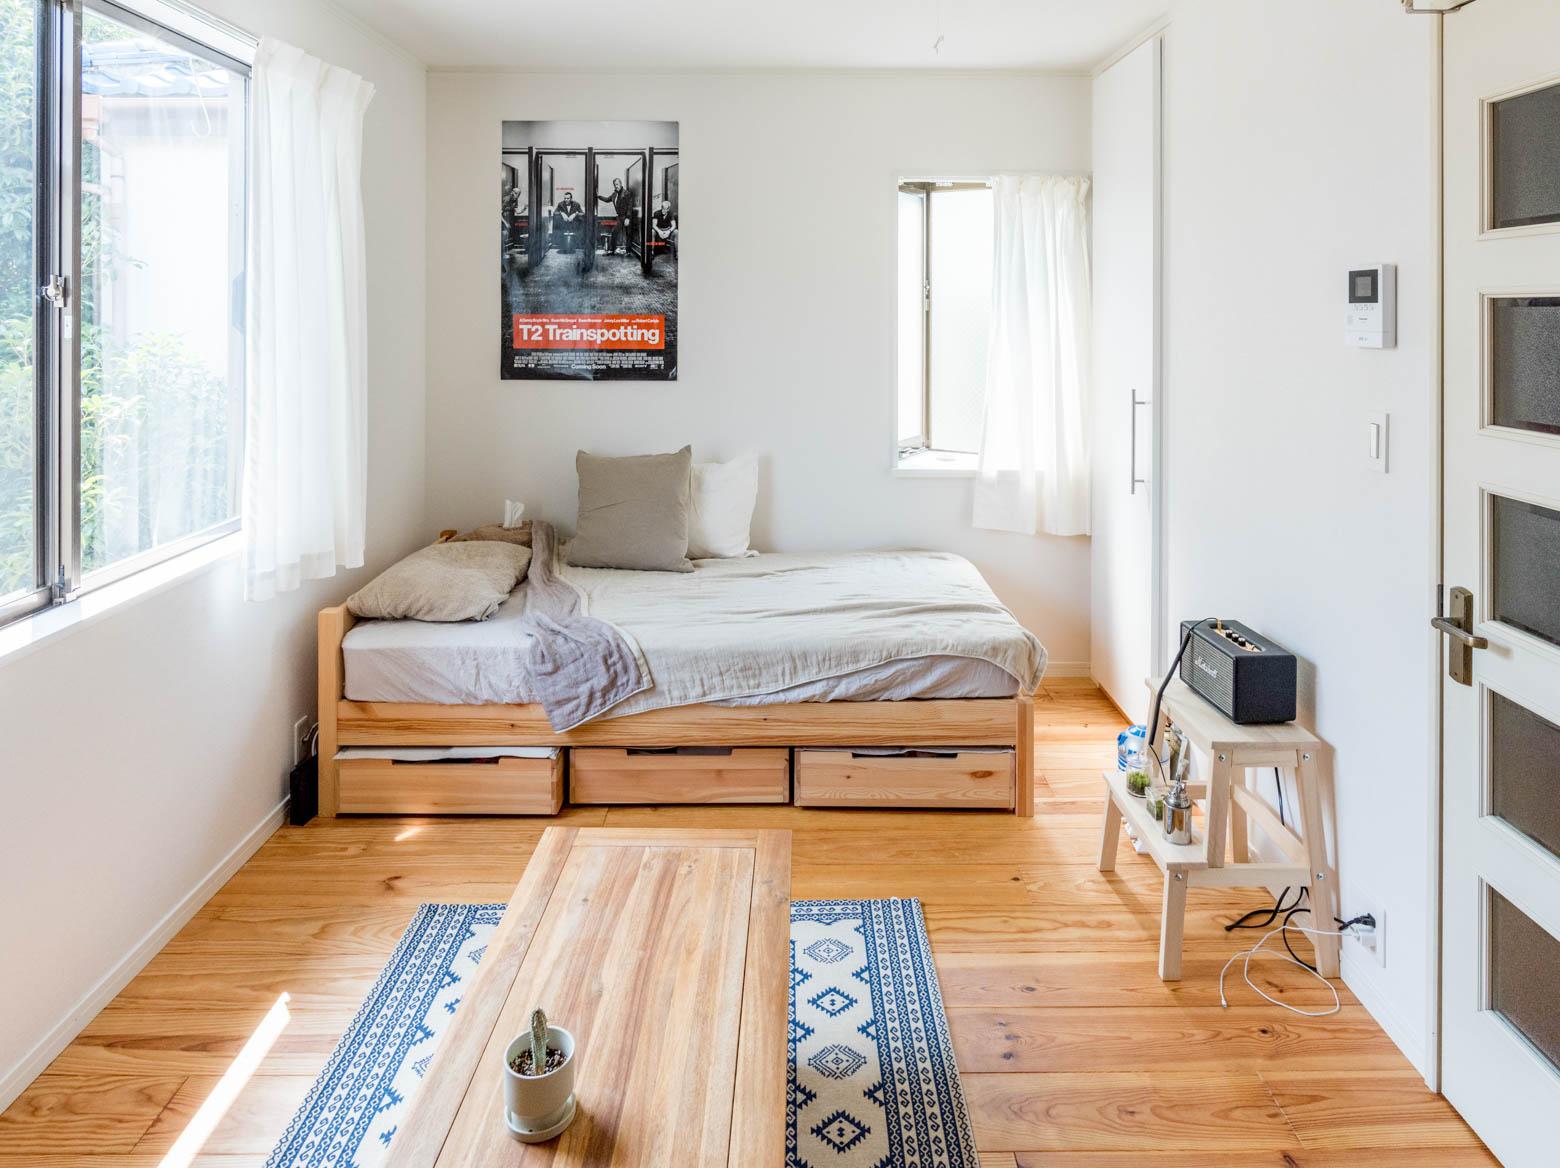 家具の数は最低限に。これもシンプルおしゃれの鉄則のひとつ。(このお部屋はこちら)